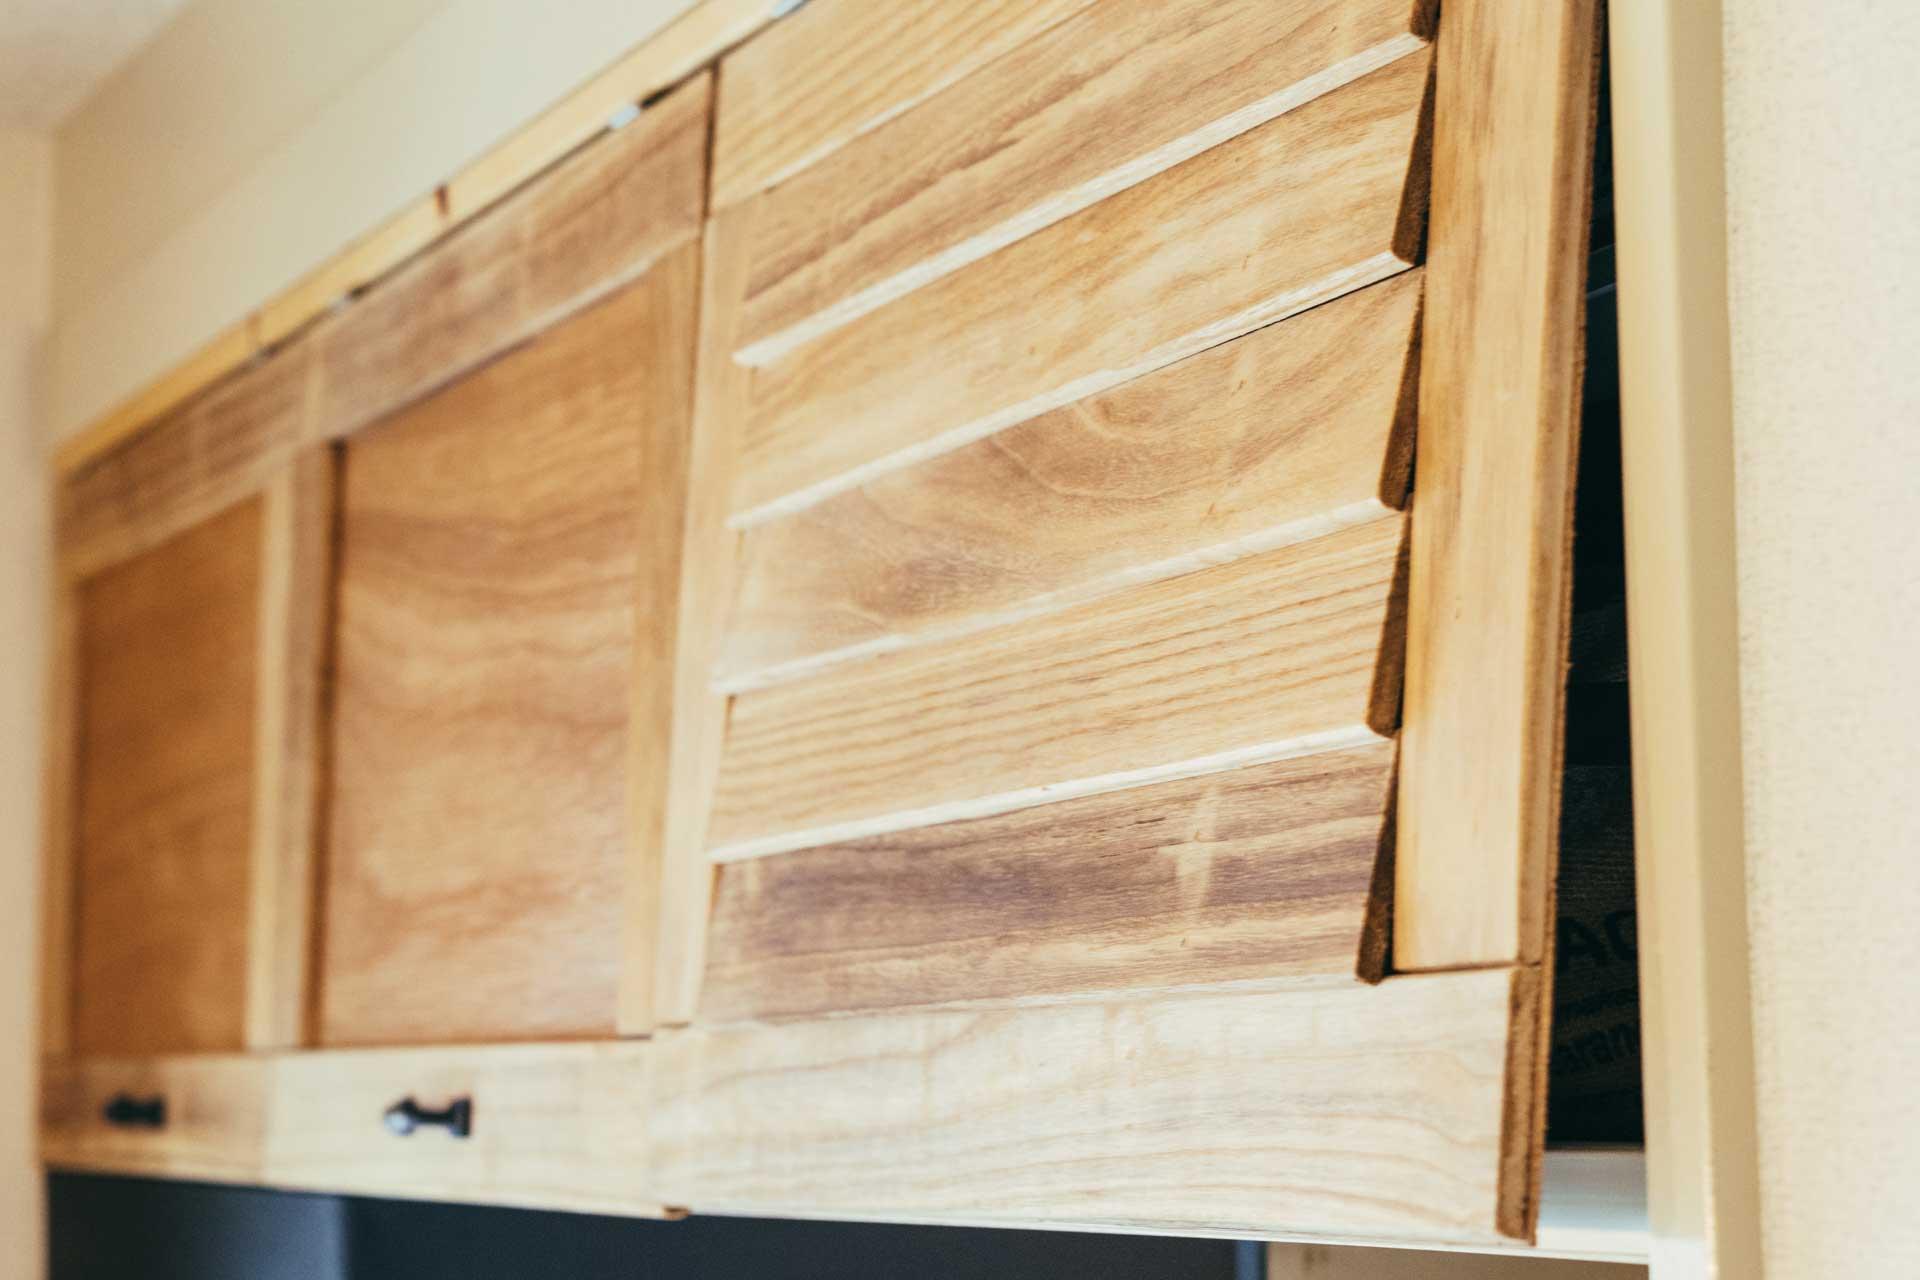 上部の吊棚にも、ベニヤ板で上下に開閉する扉をつけました。